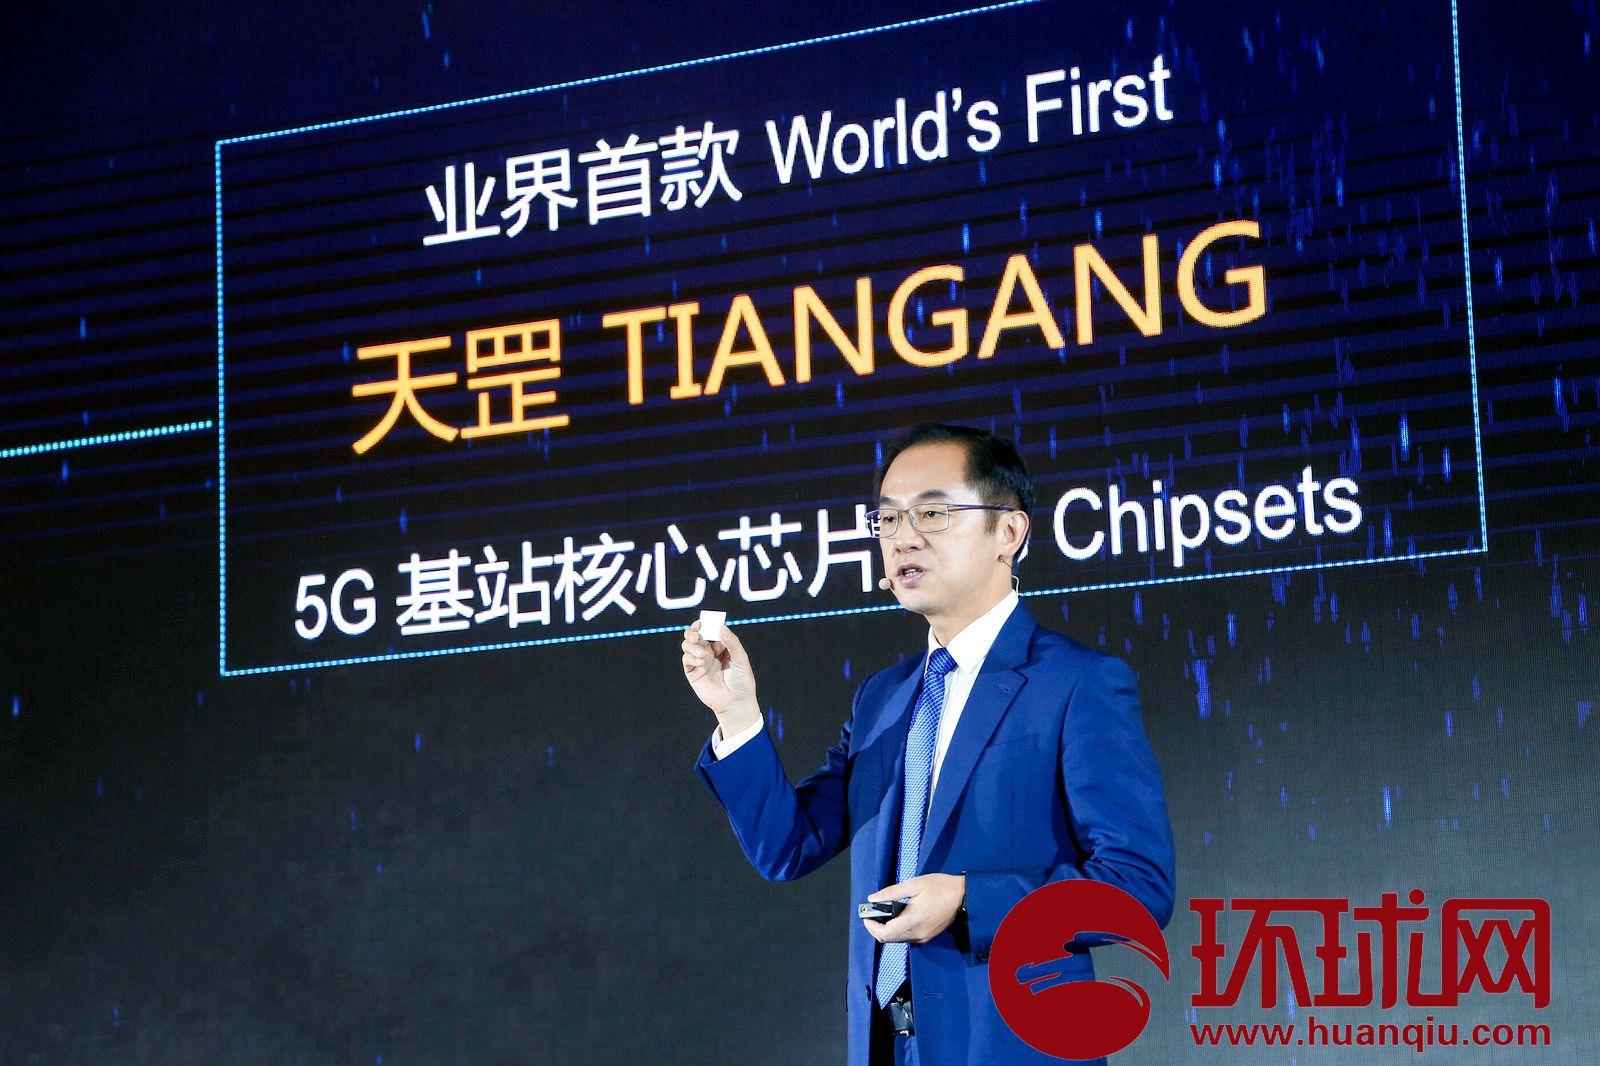 华为发布全球首款5G基站核心芯片,还透露一项数据